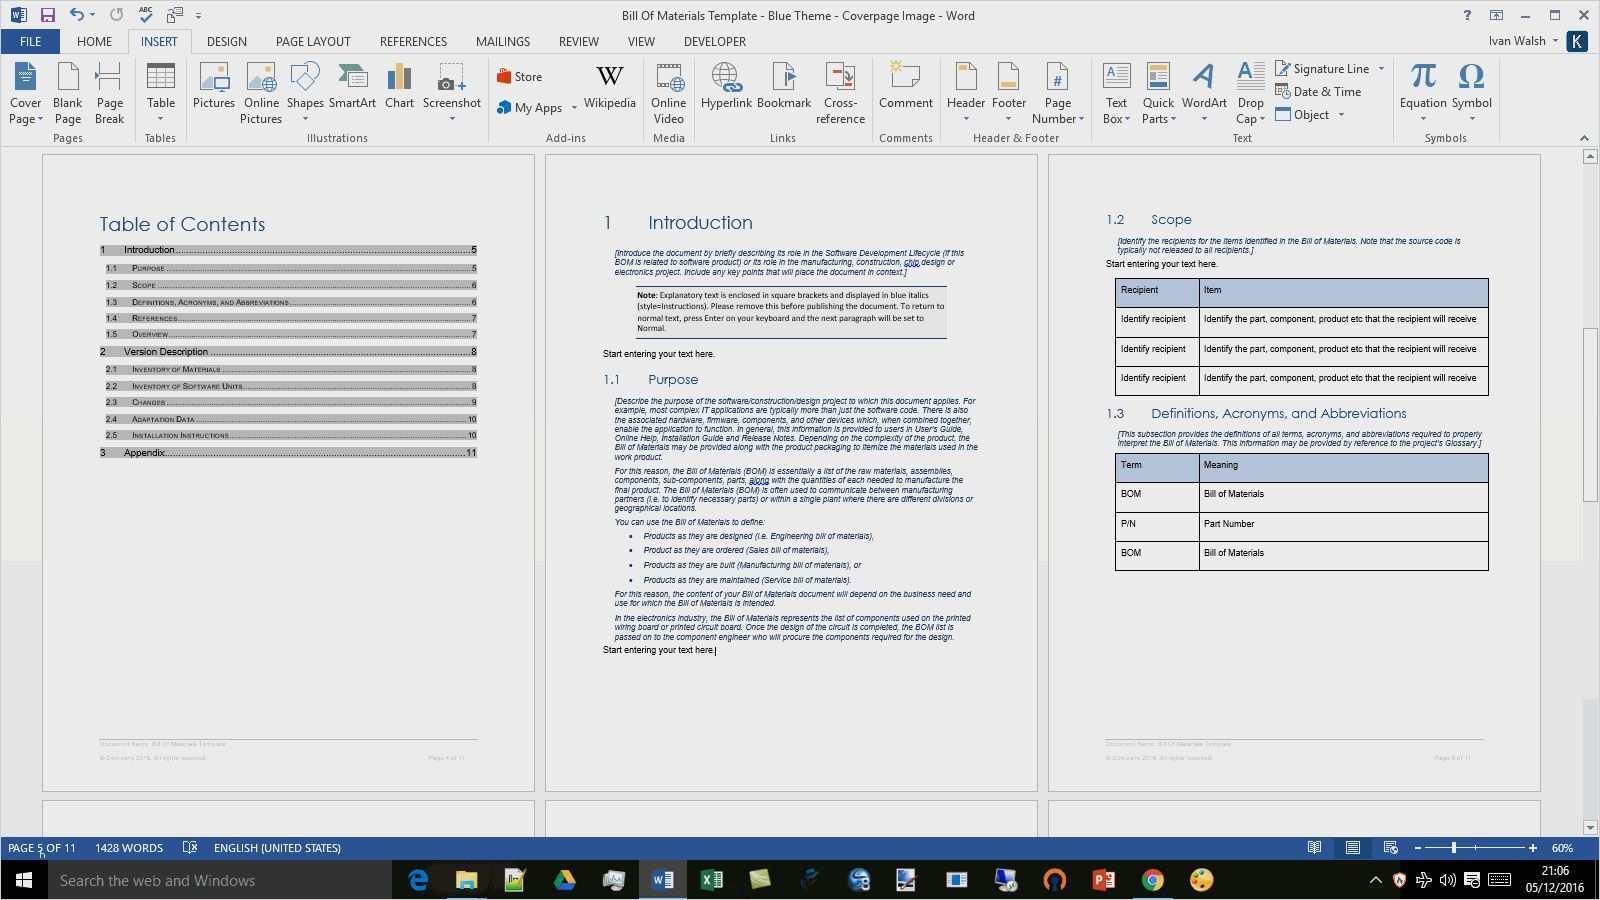 Business Continuity Plan Vorlage 28 Beste Praktisch Solche Konnen Einstellen Fur Ihre Inspira In 2020 Planer Vorlagen Lebenslauf Layout Vorlagen